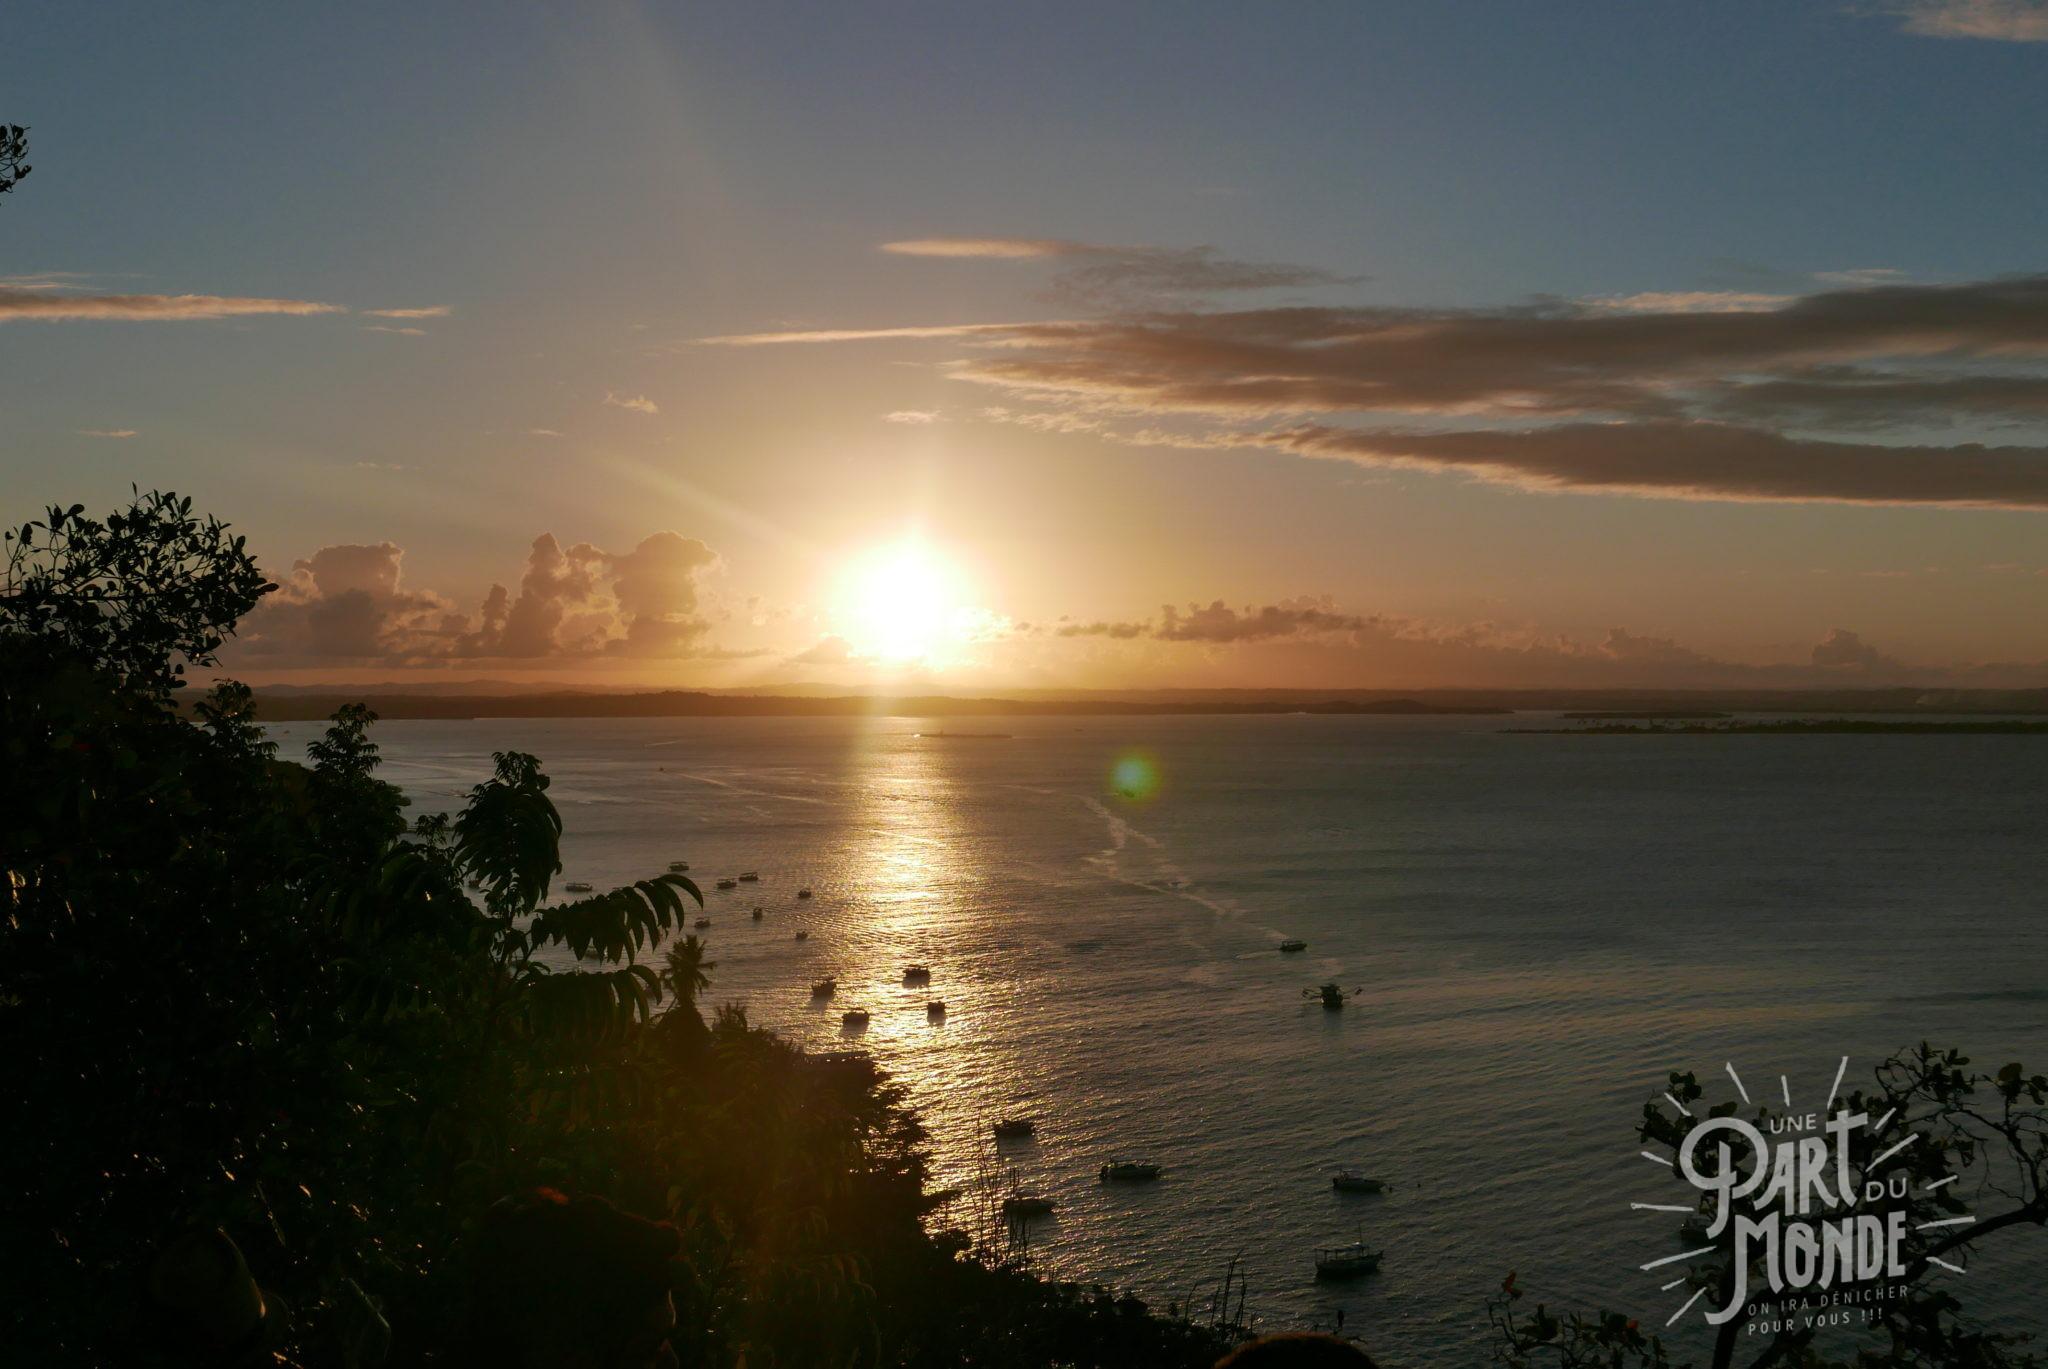 île de tinharé coucher de soleil